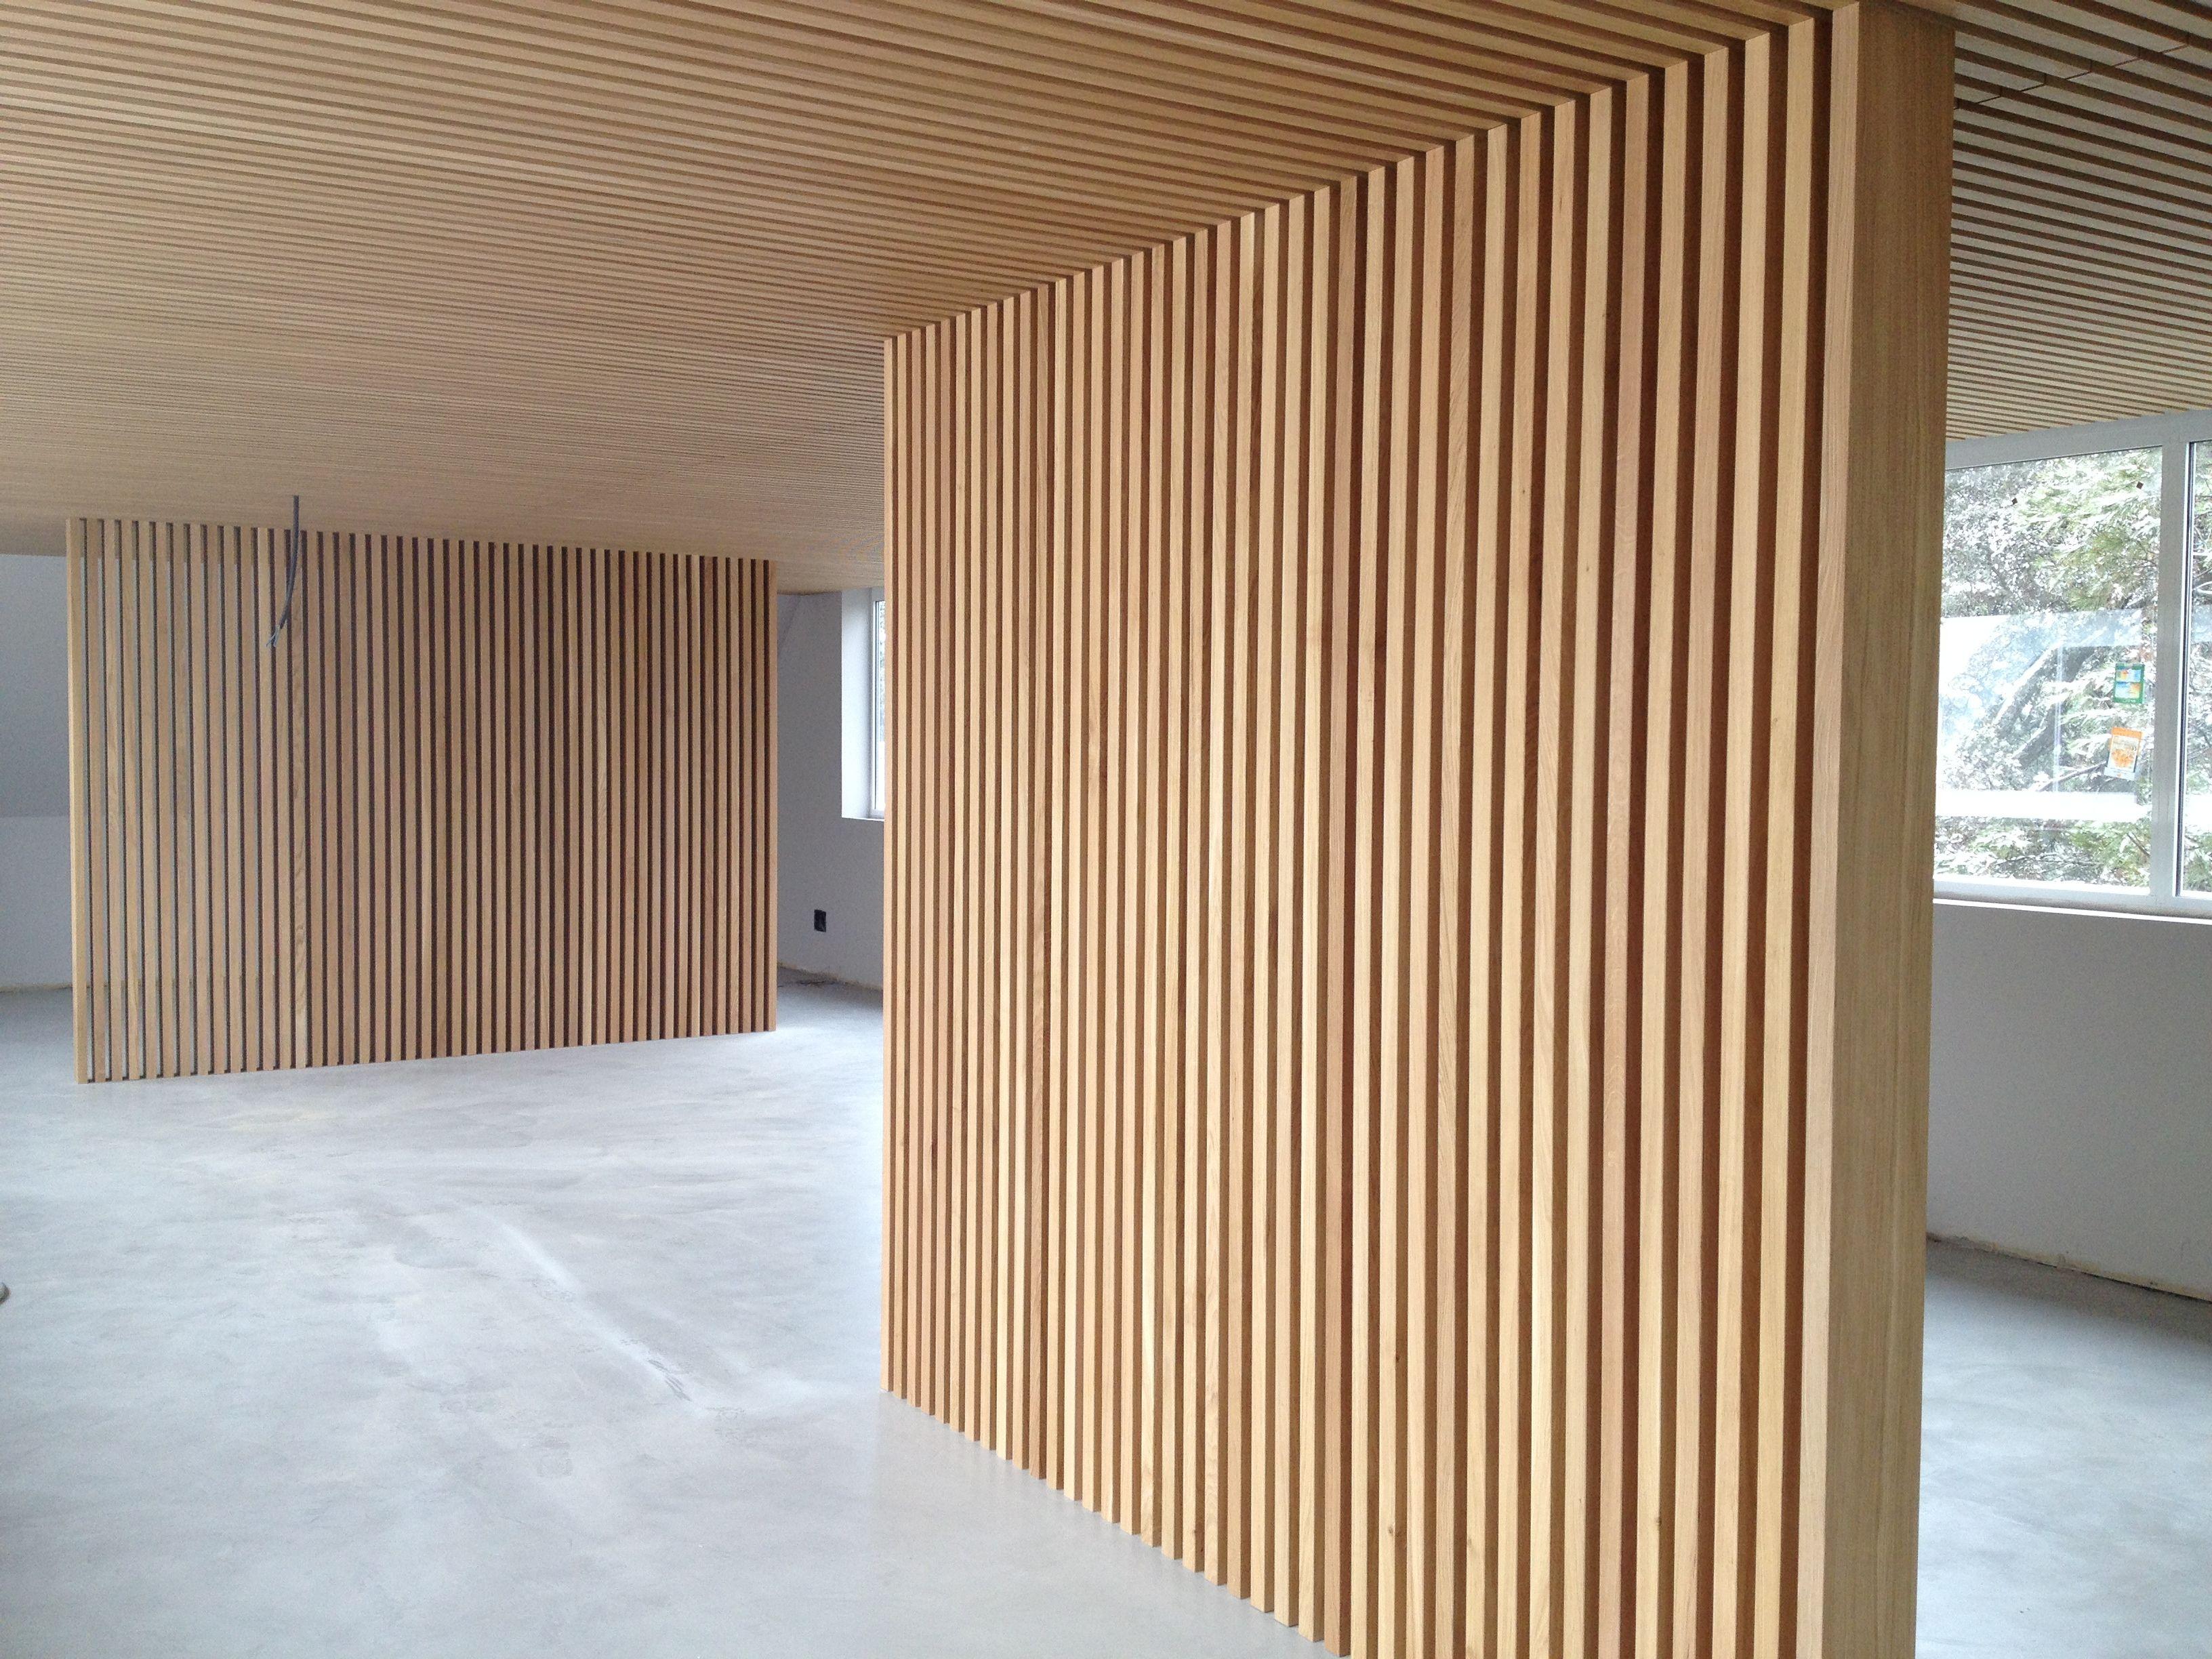 Tabique madera buscar con google casas ideas pinterest - Tabiques de madera ...